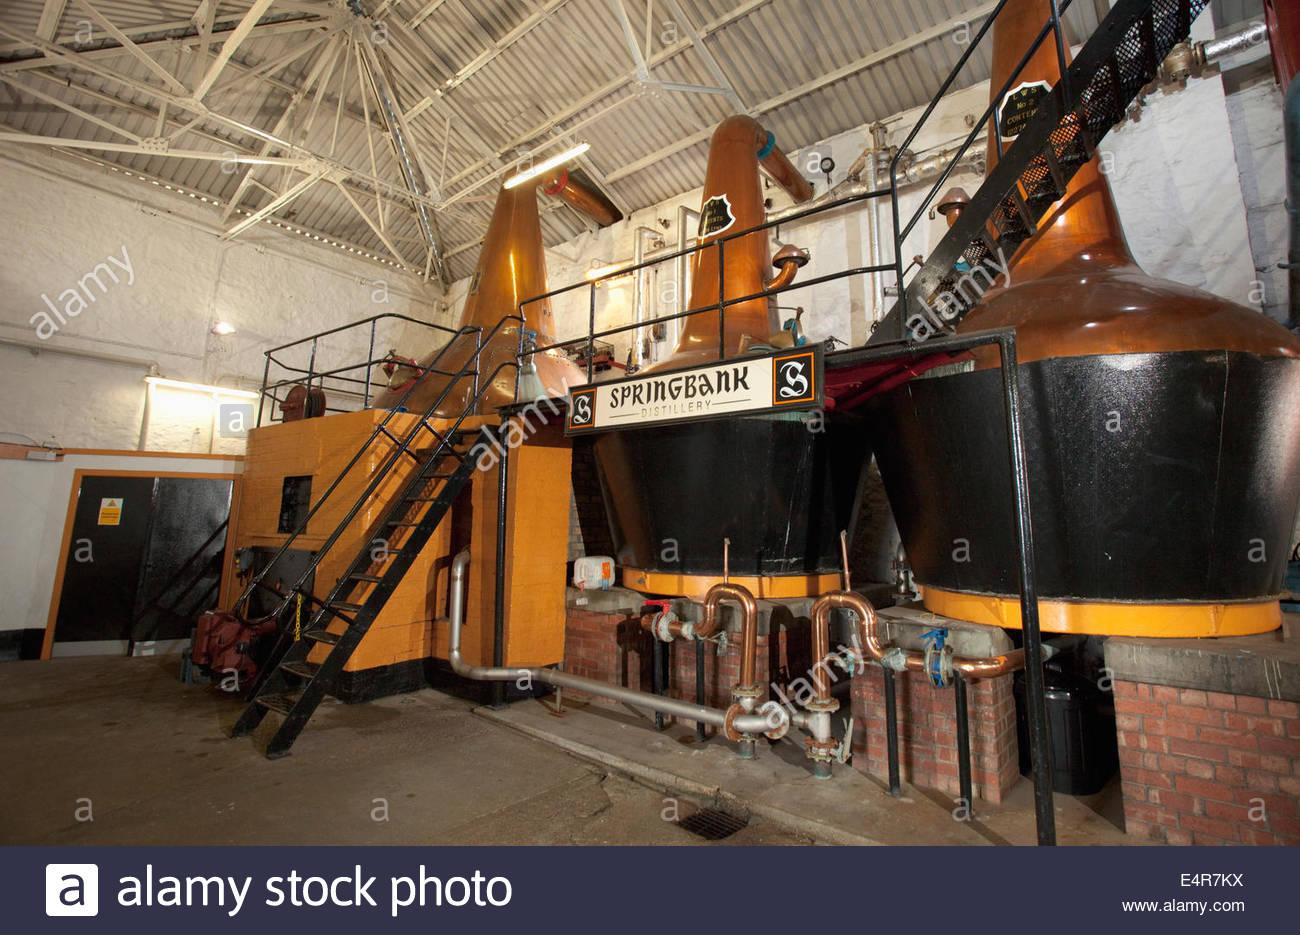 La habitación todavía en la Destilería Springbank, Campbeltown, Kintyre, Argyll, Escocia. Imagen De Stock